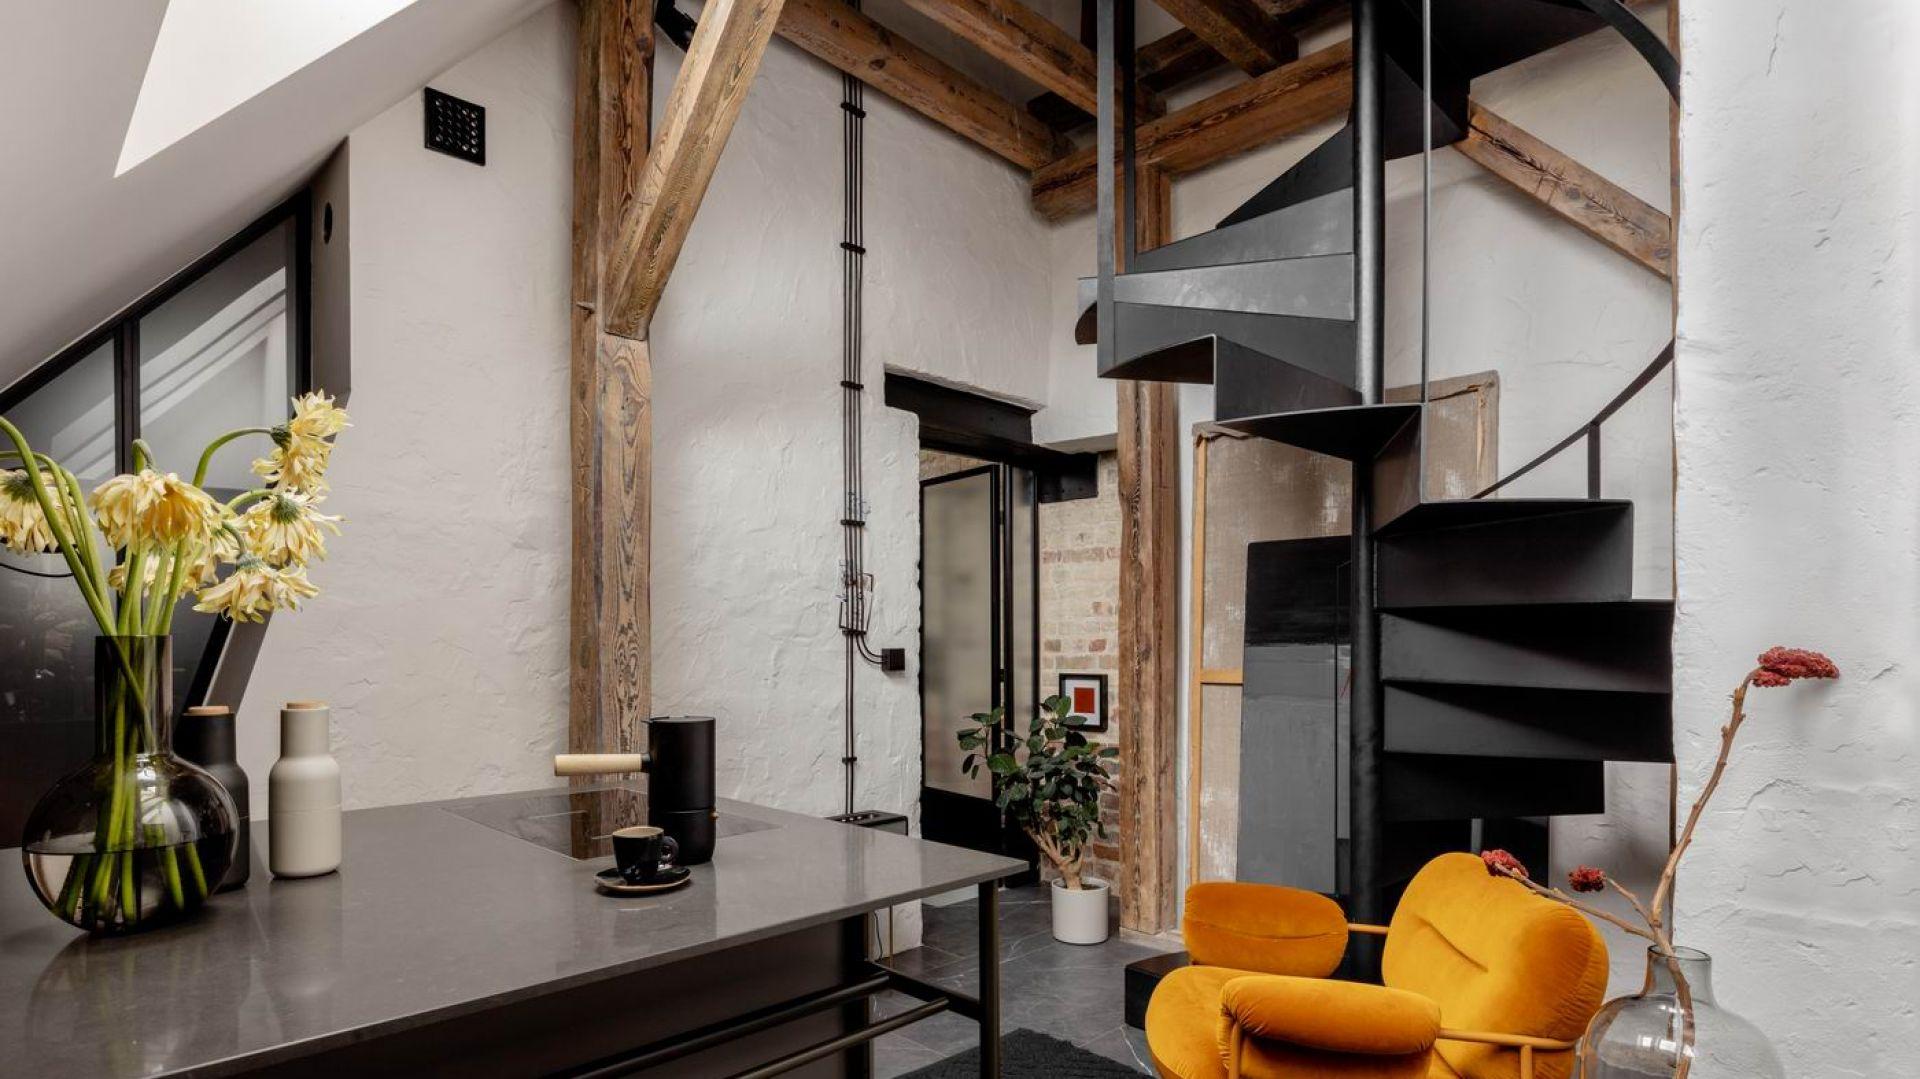 Na antresoli urządzona została druga sypialnia z otwartą łazienką, do których prowadzą kręcone schody. Projekt: Przemek Maziarz. Fot. Ola Dermont